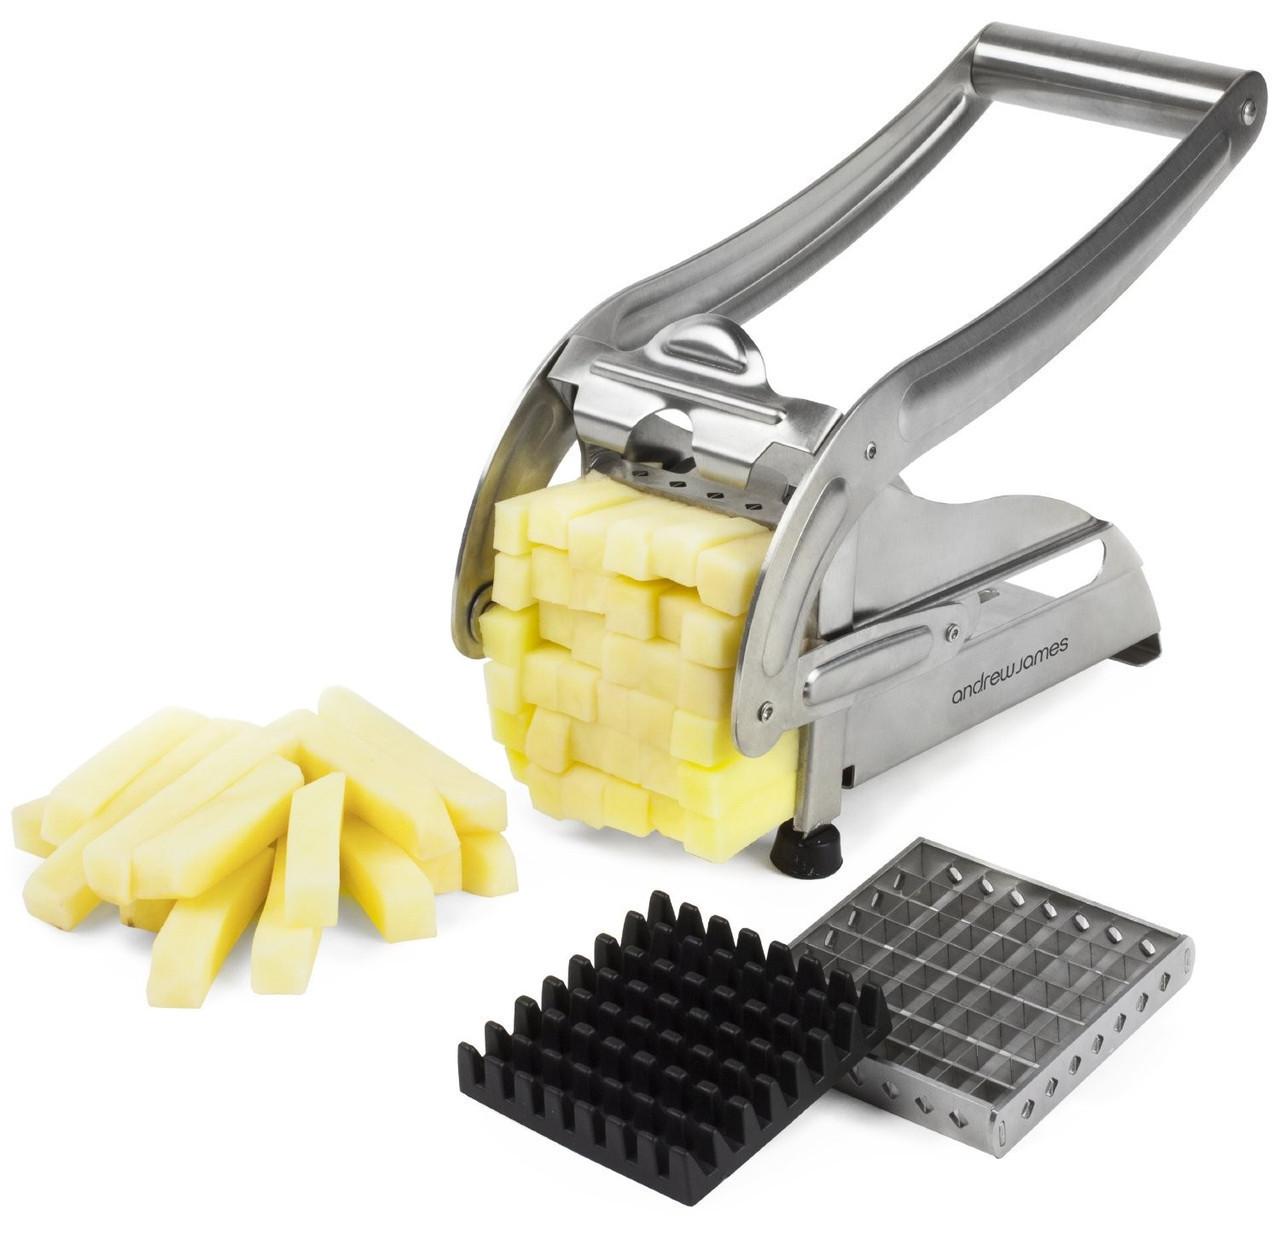 Машинка для нарезки картофеля соломкой Potato Chipper | Картофелерезка | Прибор для нарезки картофеля фри